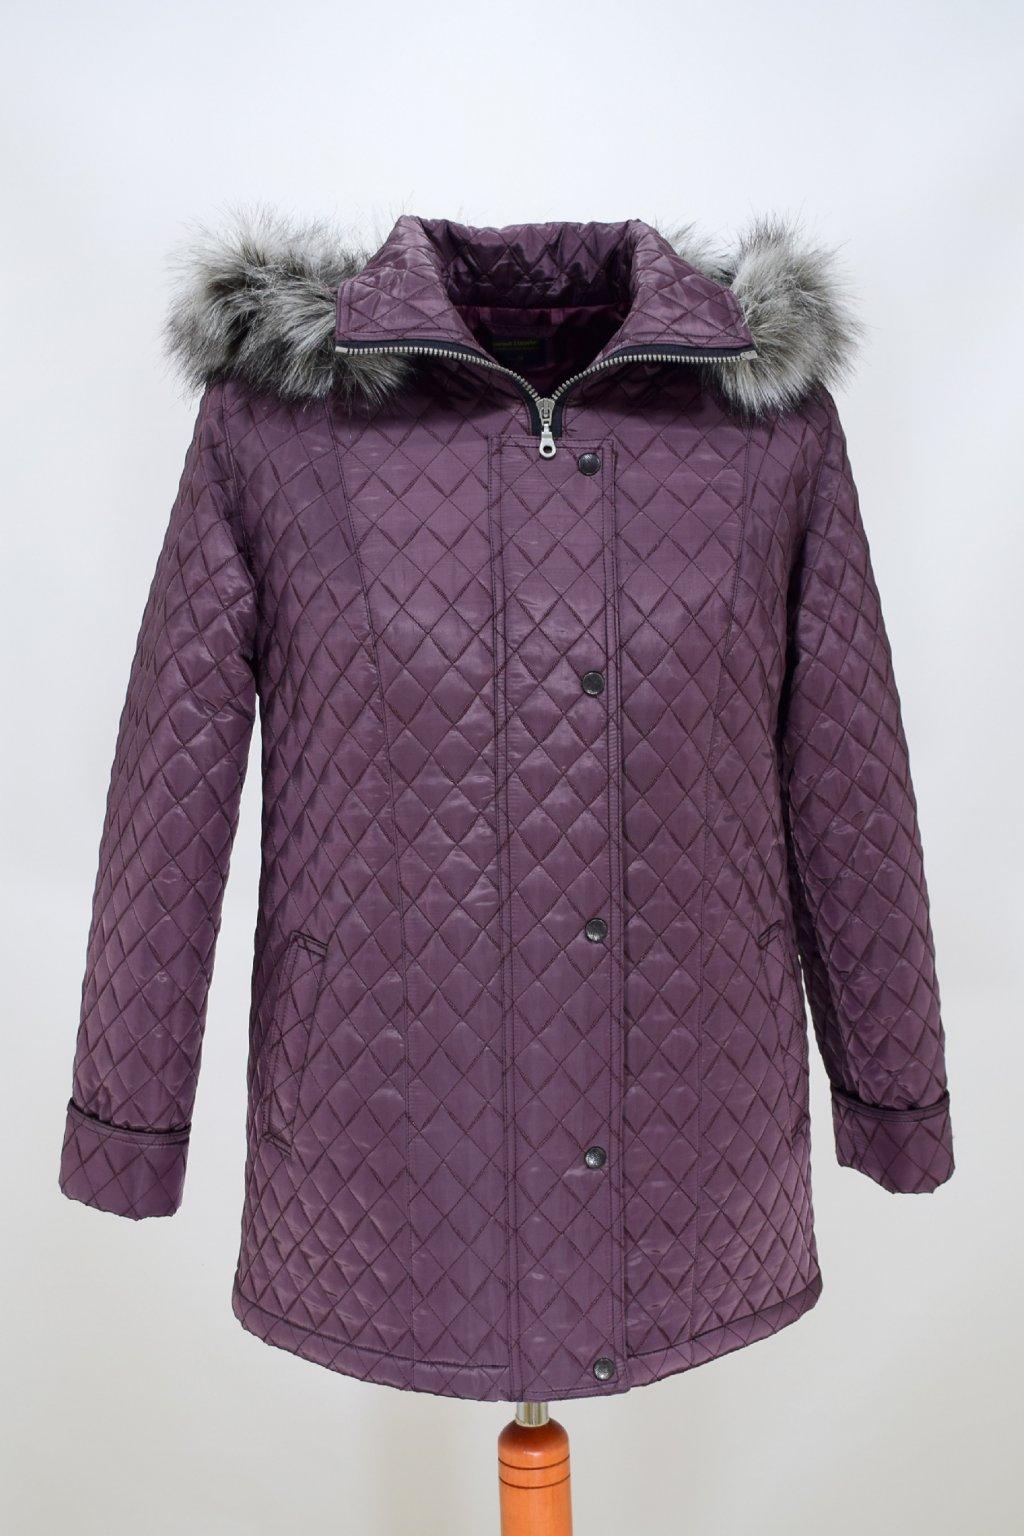 Dámská zimní bunda Krista baklažán nadměrné velikosti.